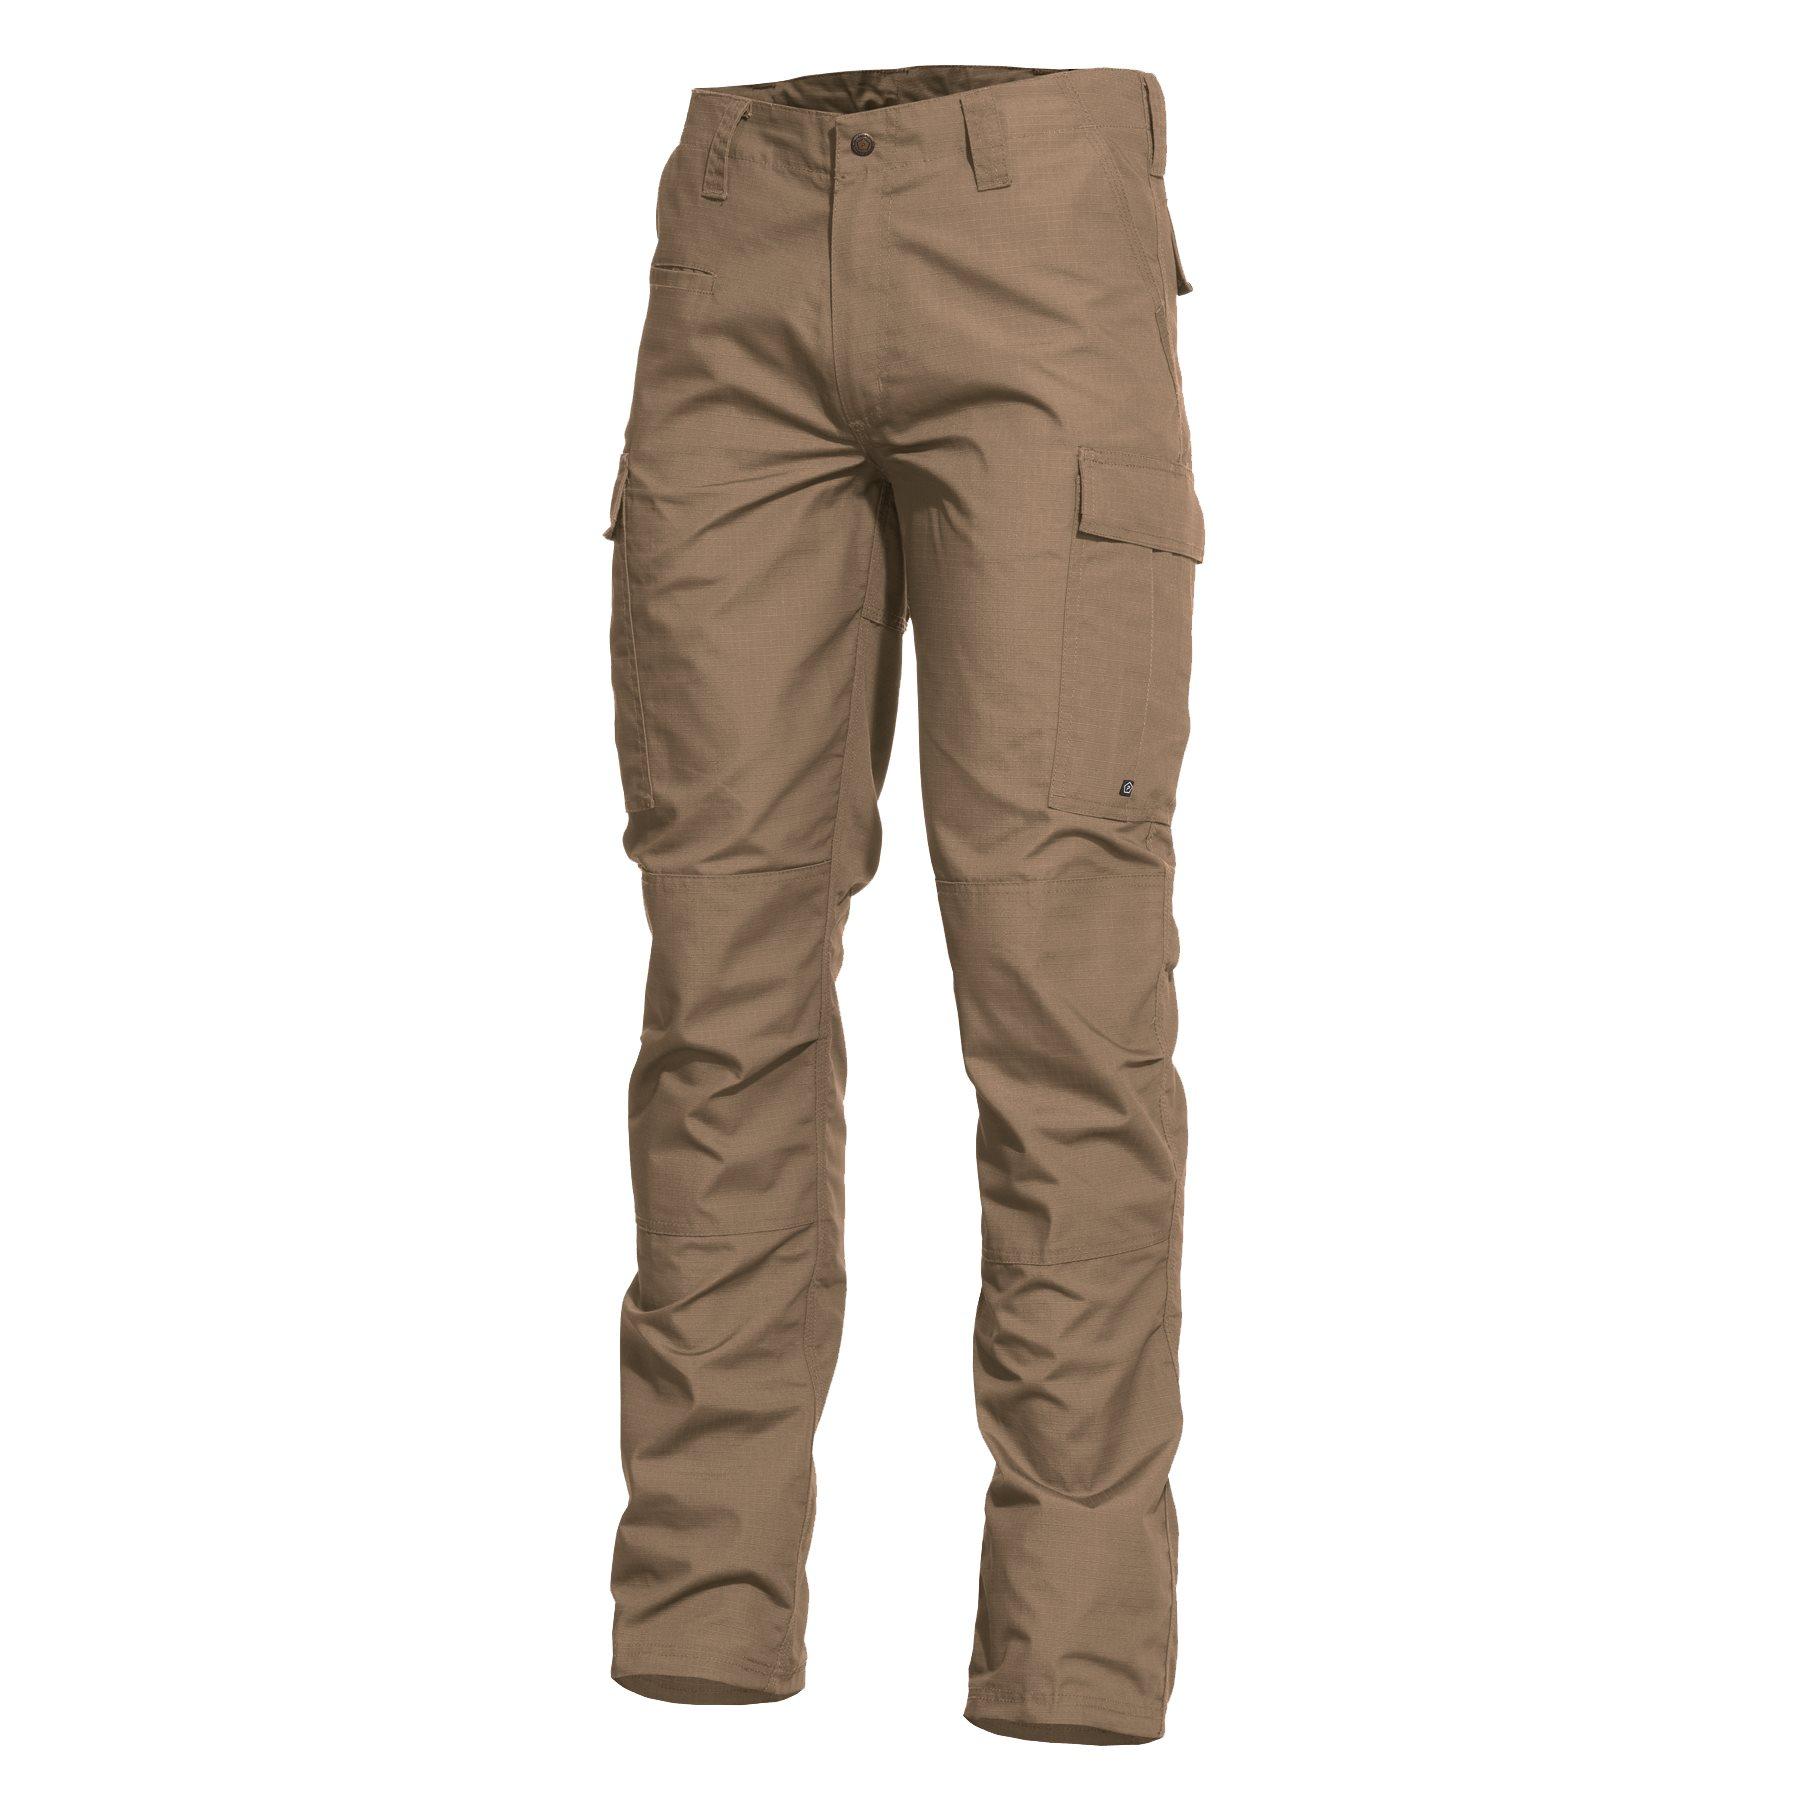 Kalhoty BDU 2.0 COYOTE